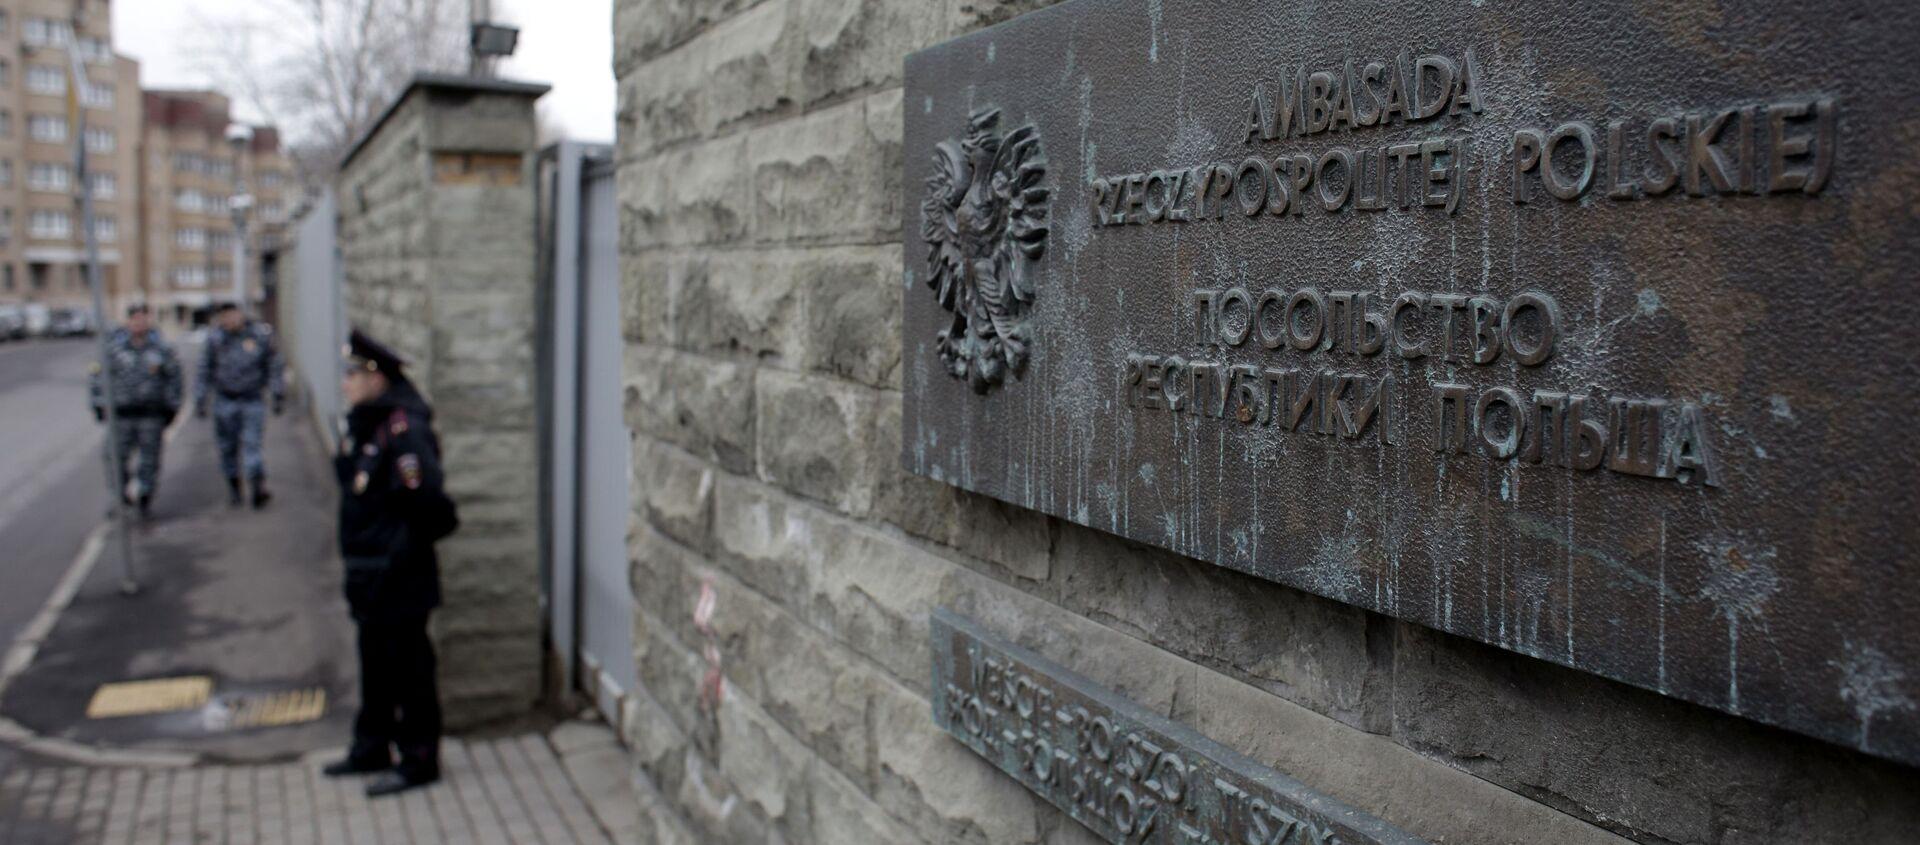 Ambasada Rzeczypospolitej Polskiej w Federacji Rosyjskiej - Sputnik Polska, 1920, 06.04.2021